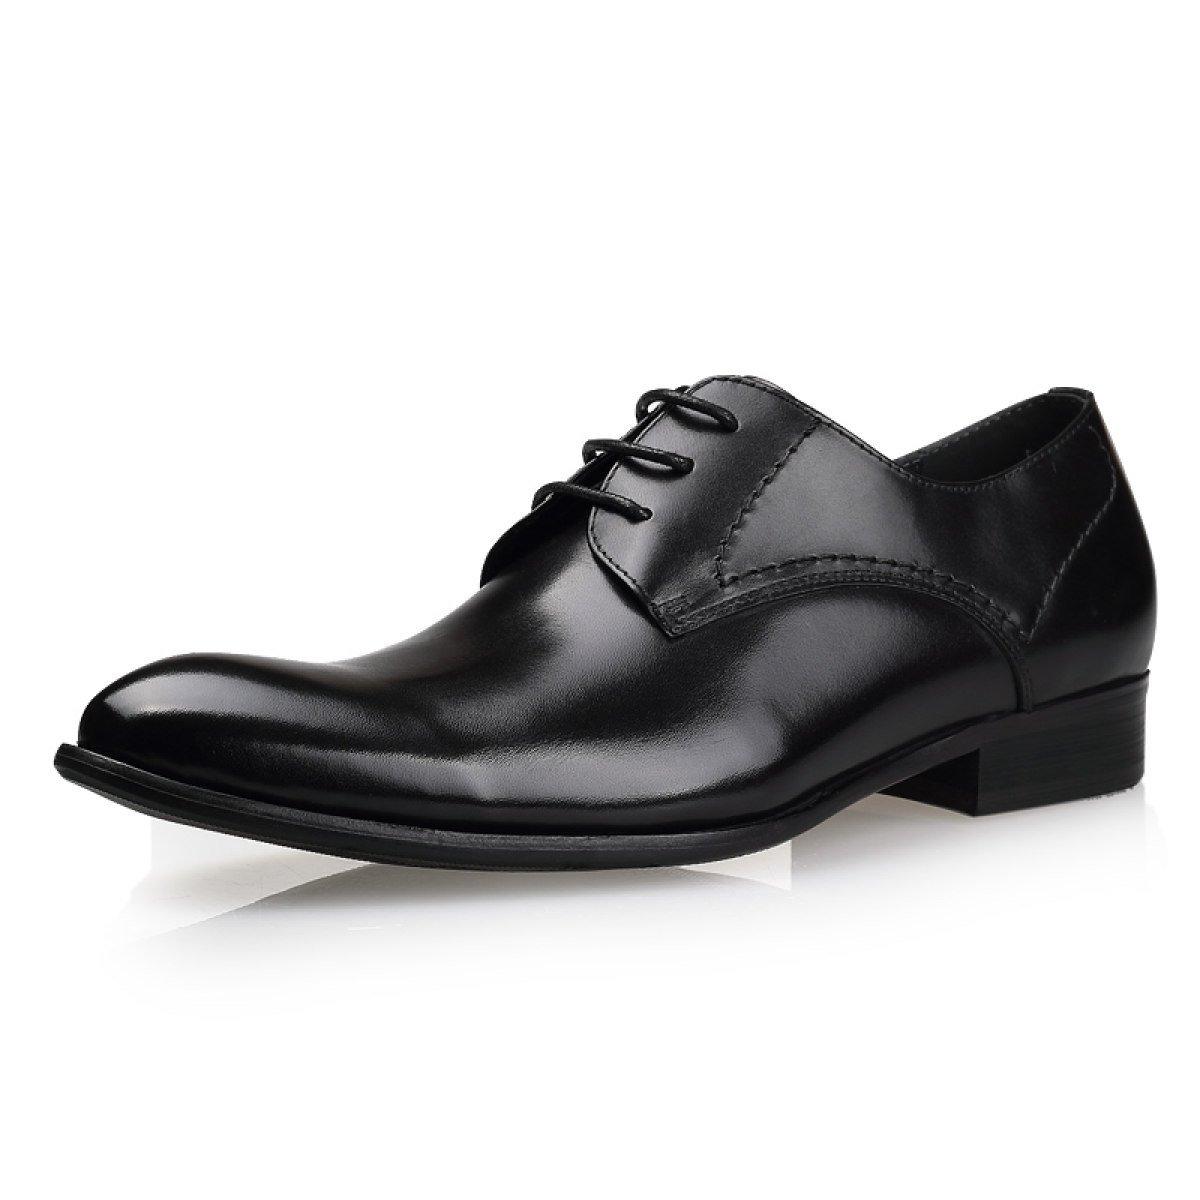 GRRONG Mauml;nner Mode-Business Kleid Schuhe Bequem Und Atmungsaktiv Hochzeit Schuhe  44|Black